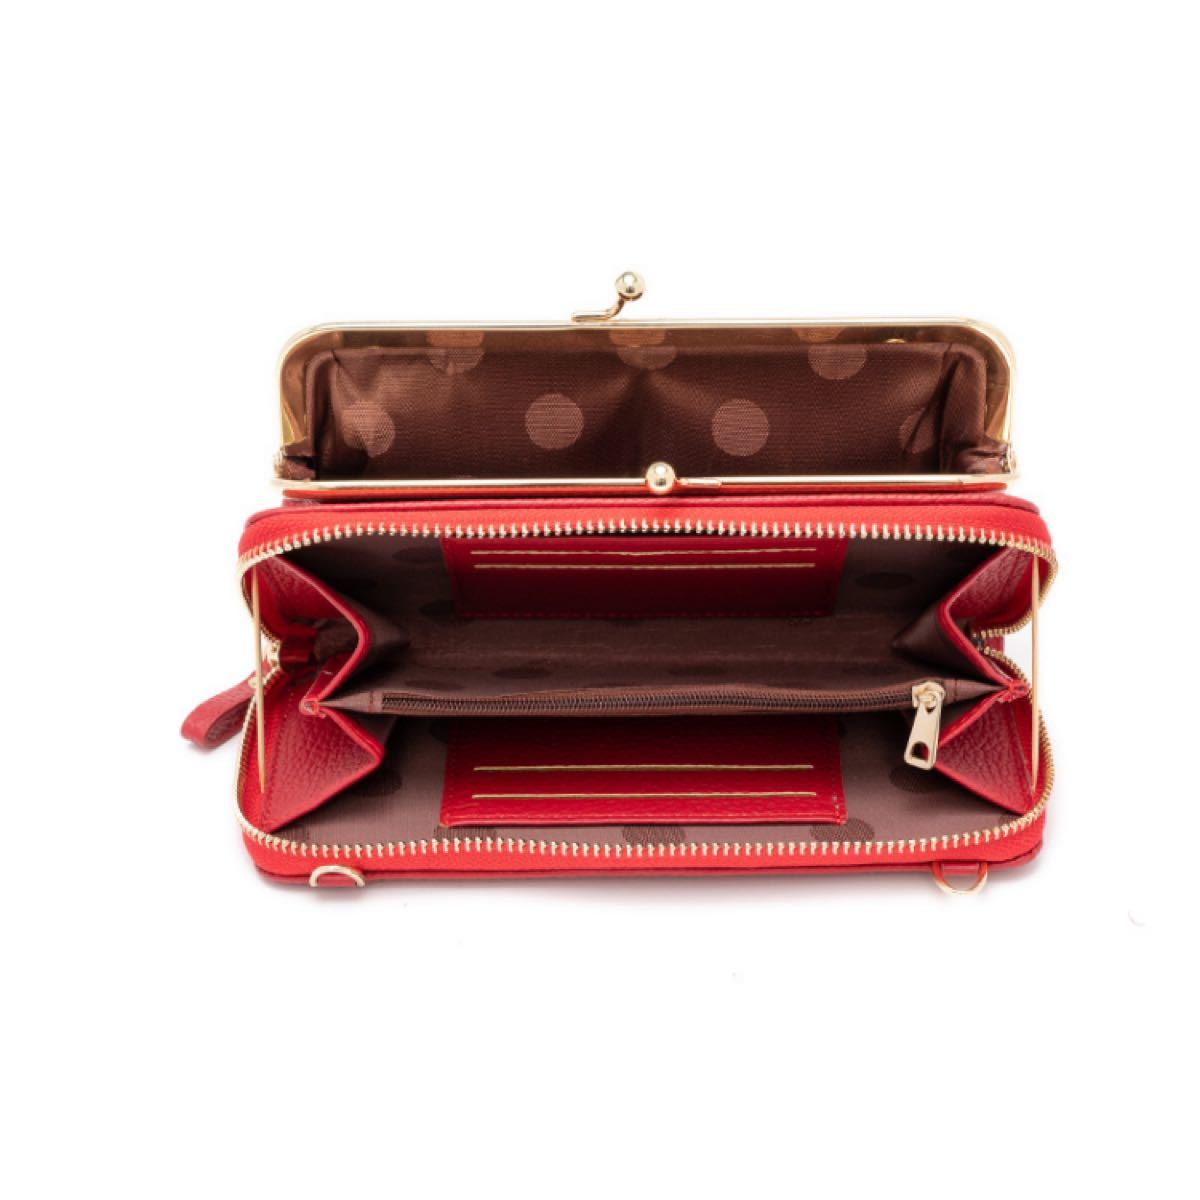 ショルダーバッグ お財布ポシェット がま口バッグ レッド 赤 ショルダーバッグ お財布ポシェット スマホポーチ